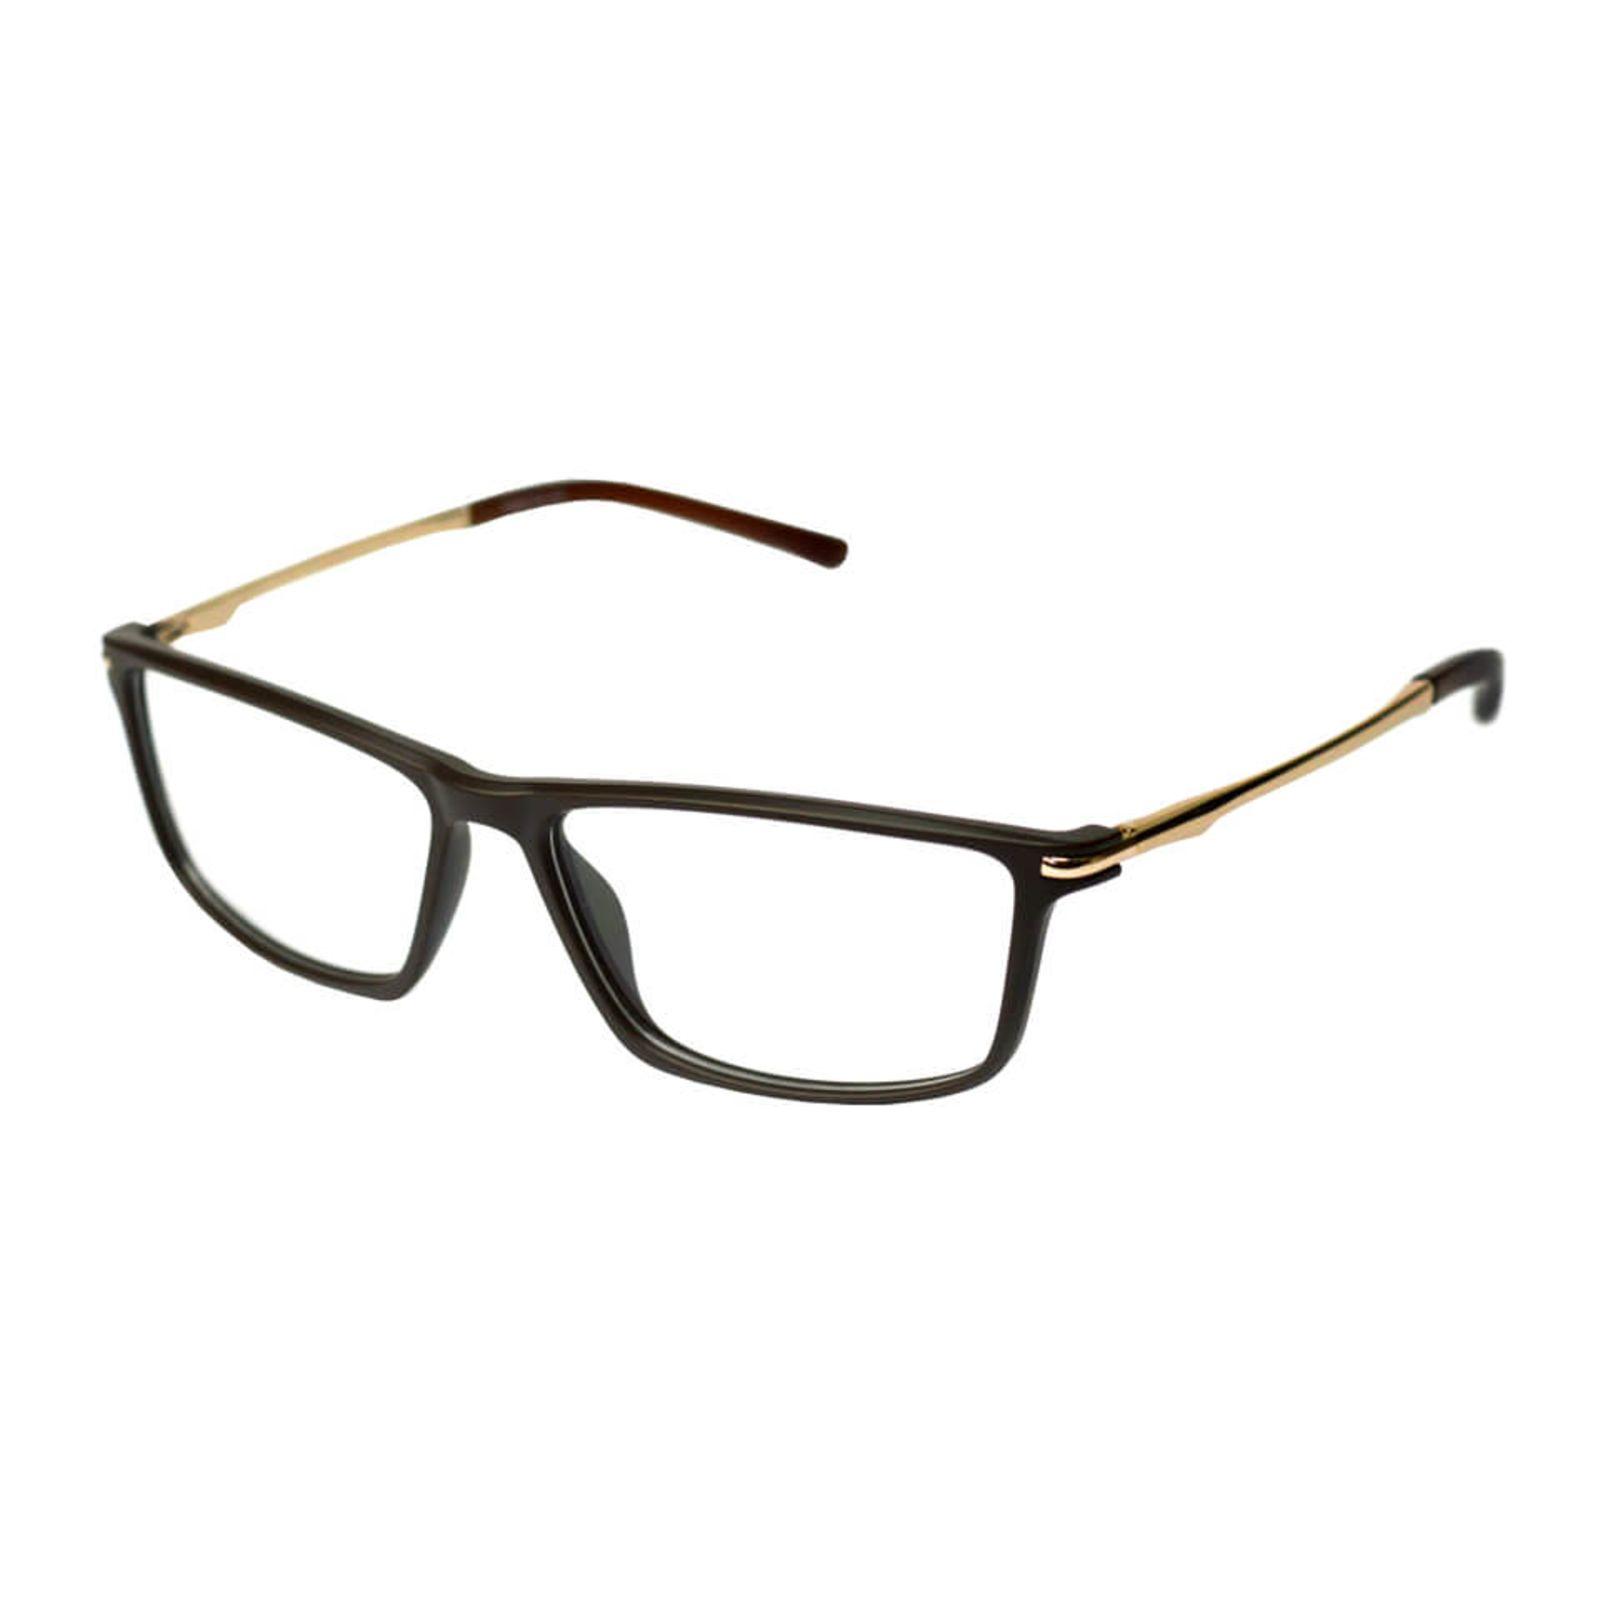 Armacao Oculos Grau Masculino Esportivo Original Izaker 3470